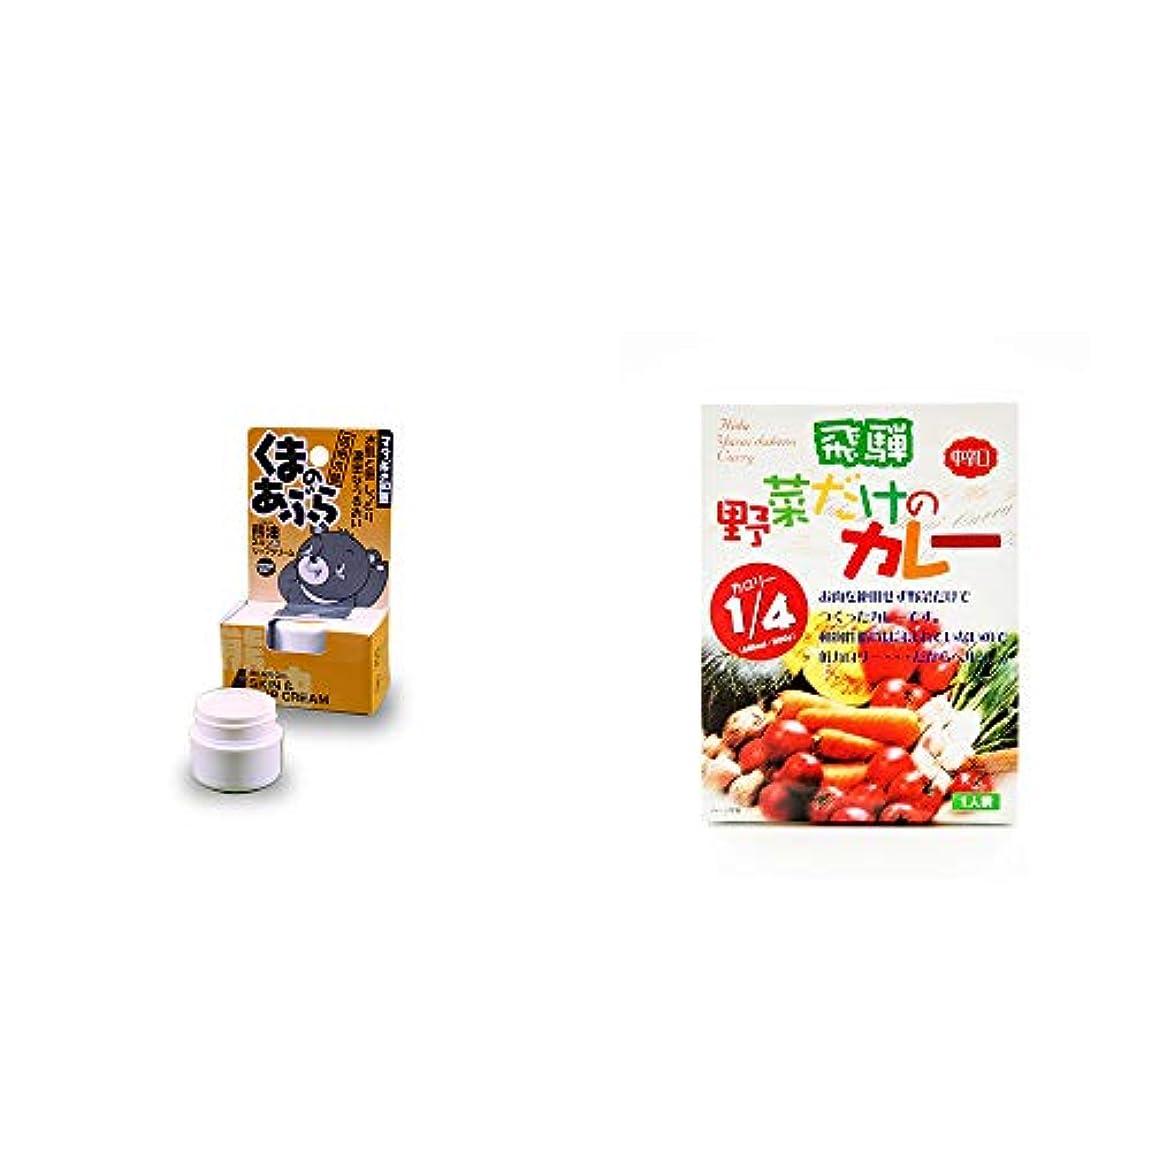 説得力のある翻訳する経営者[2点セット] 信州木曽 くまのあぶら 熊油スキン&リップクリーム(9g)?天領食品 野菜だけのカレー 【中辛口】 (1食分)